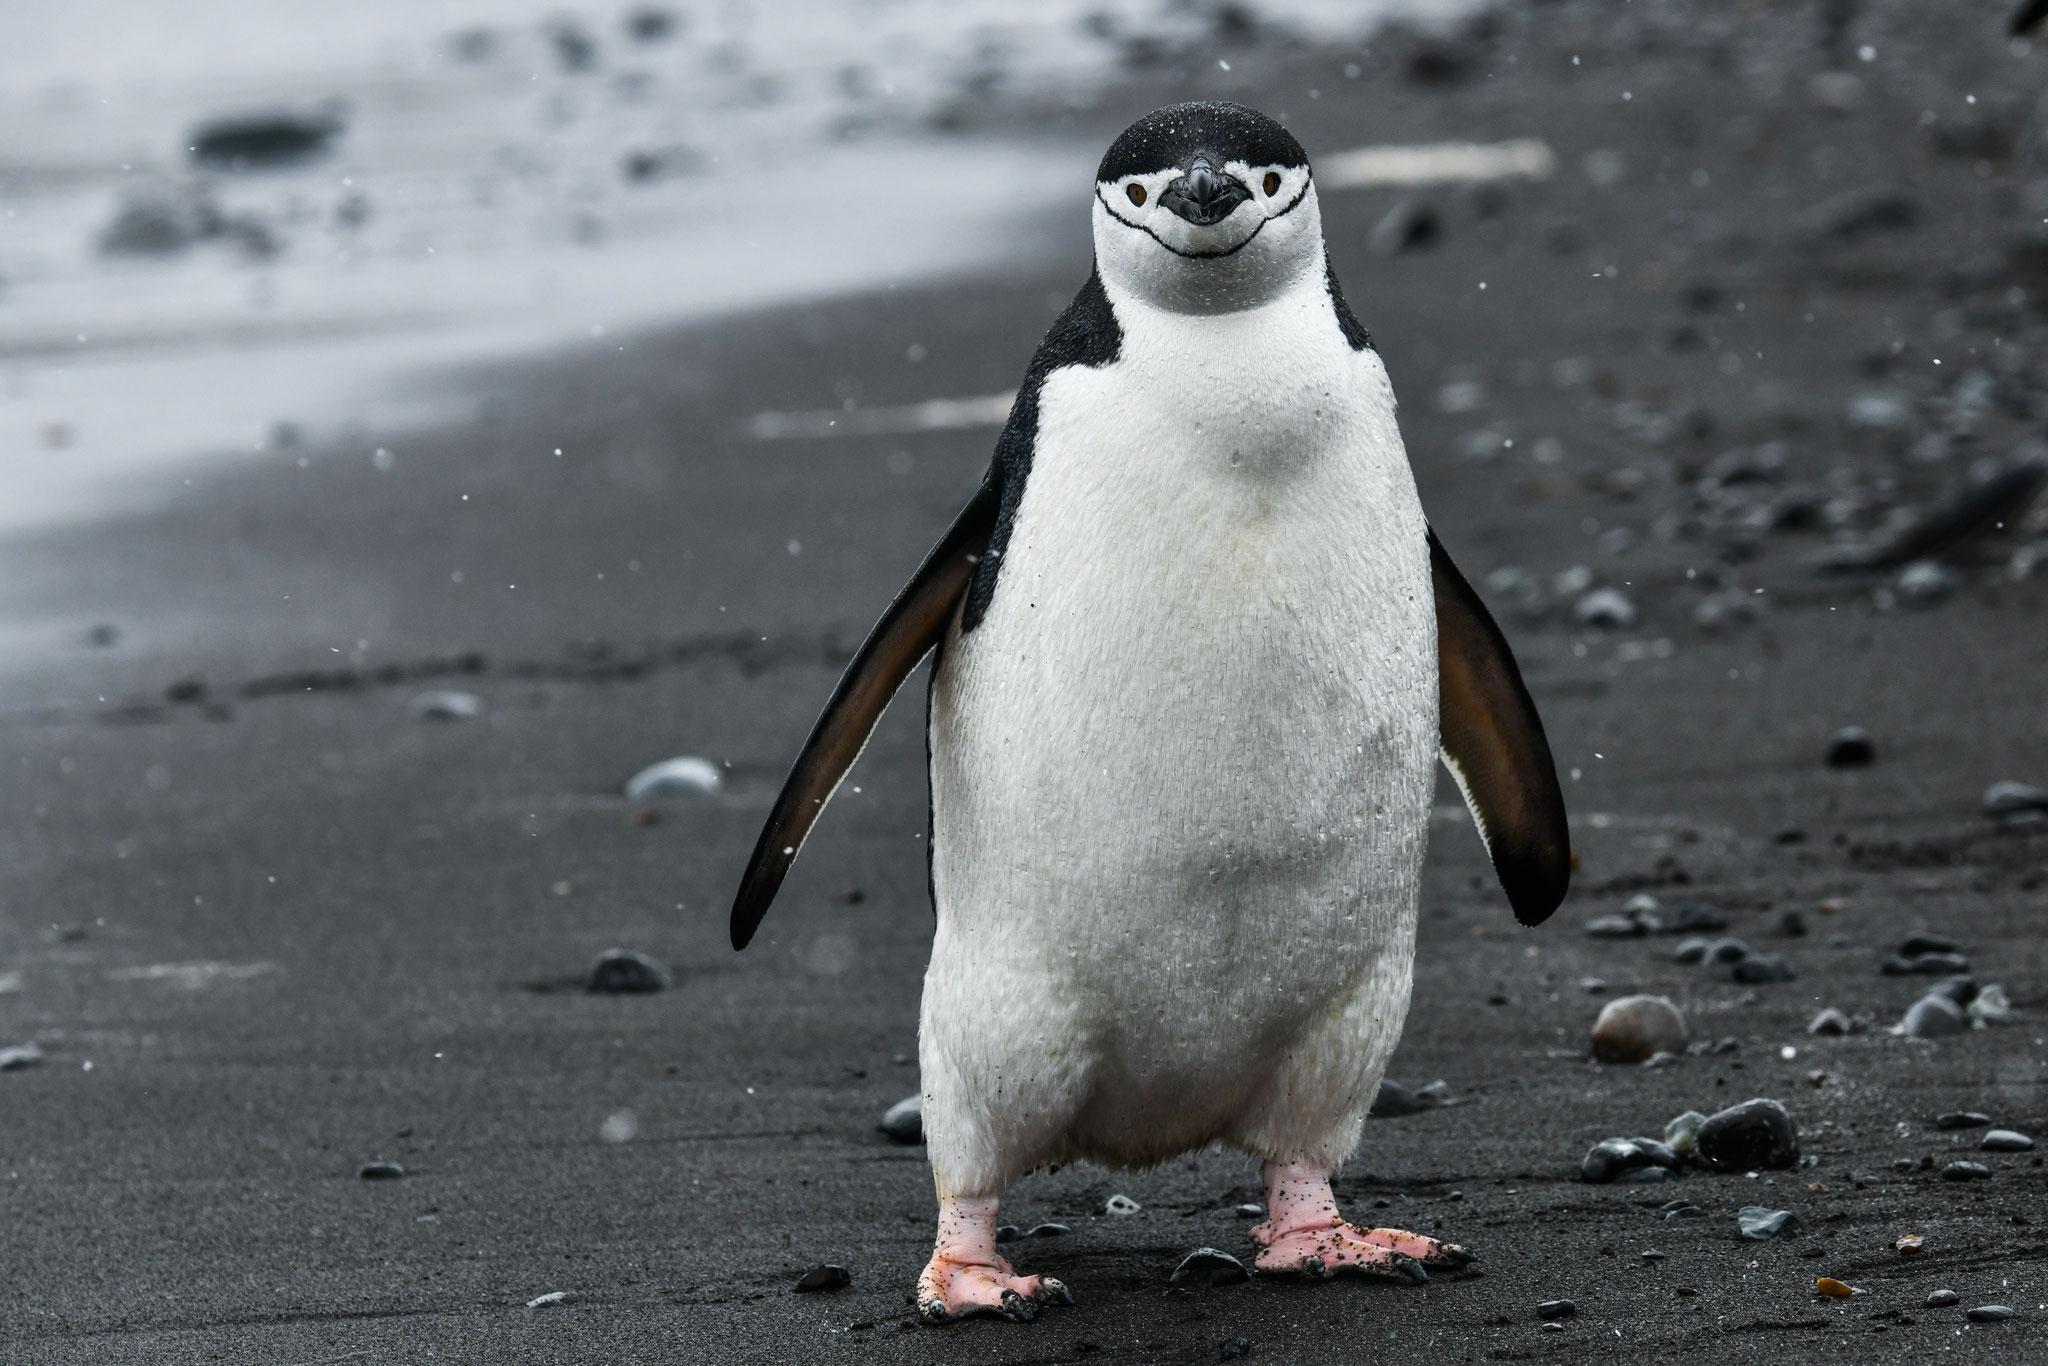 アゴヒゲがくっきり アゴヒゲペンギン